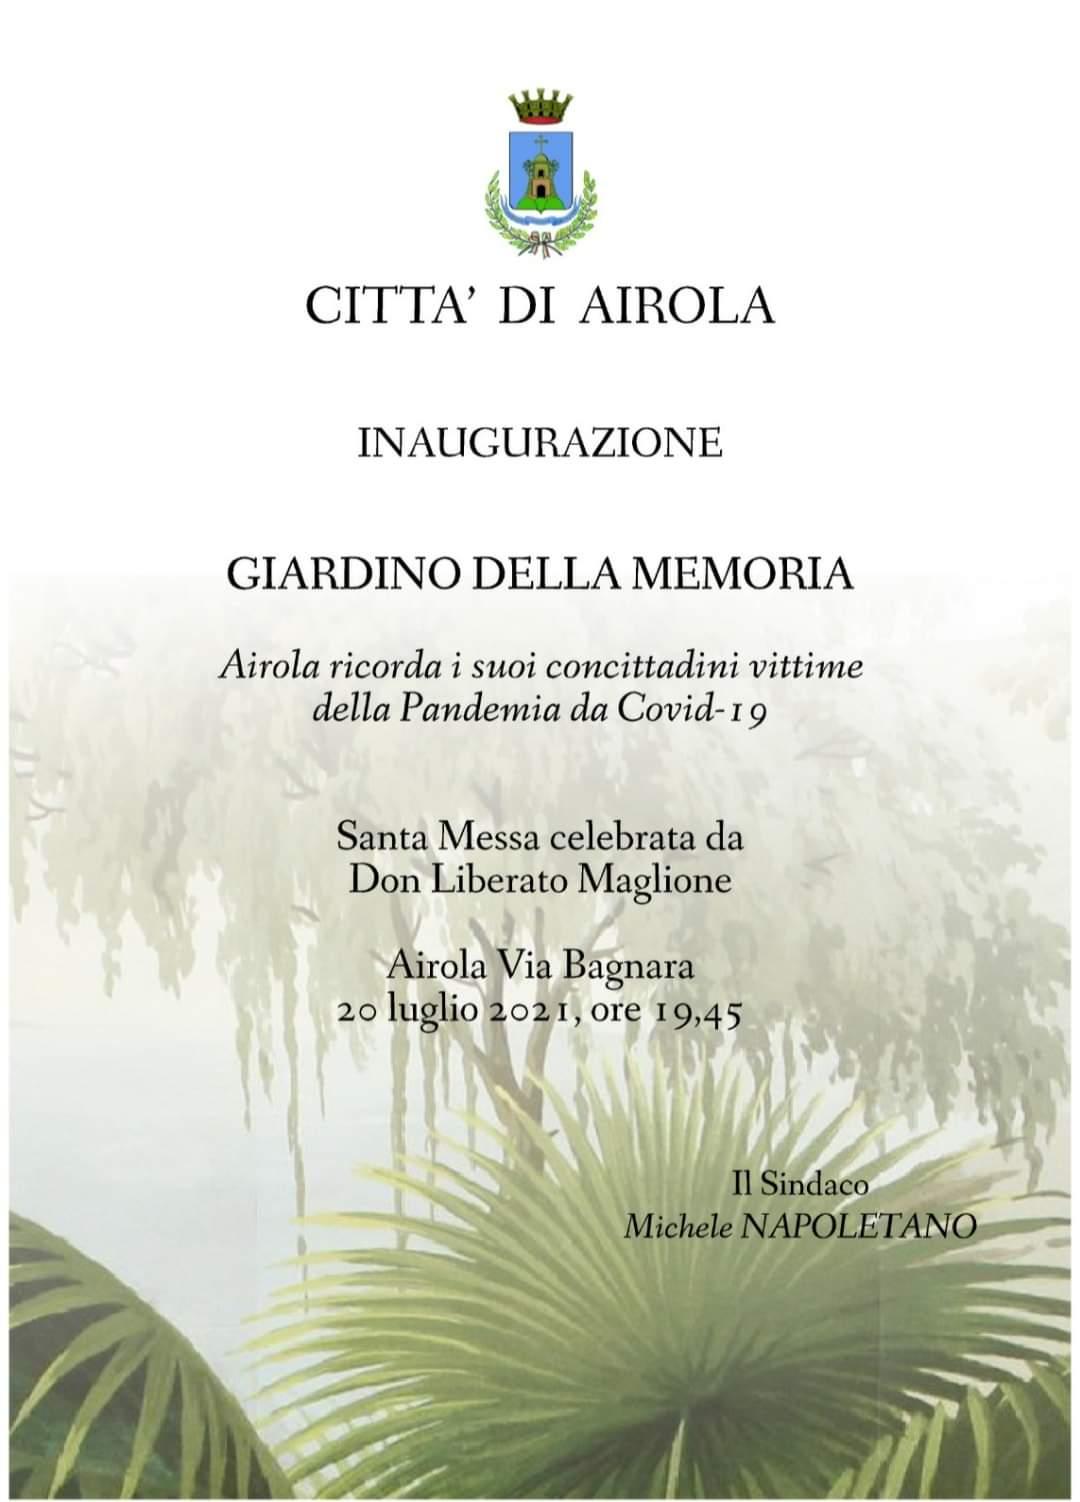 Giardino della Memoria, questa sera ad Airola l'inaugurazione